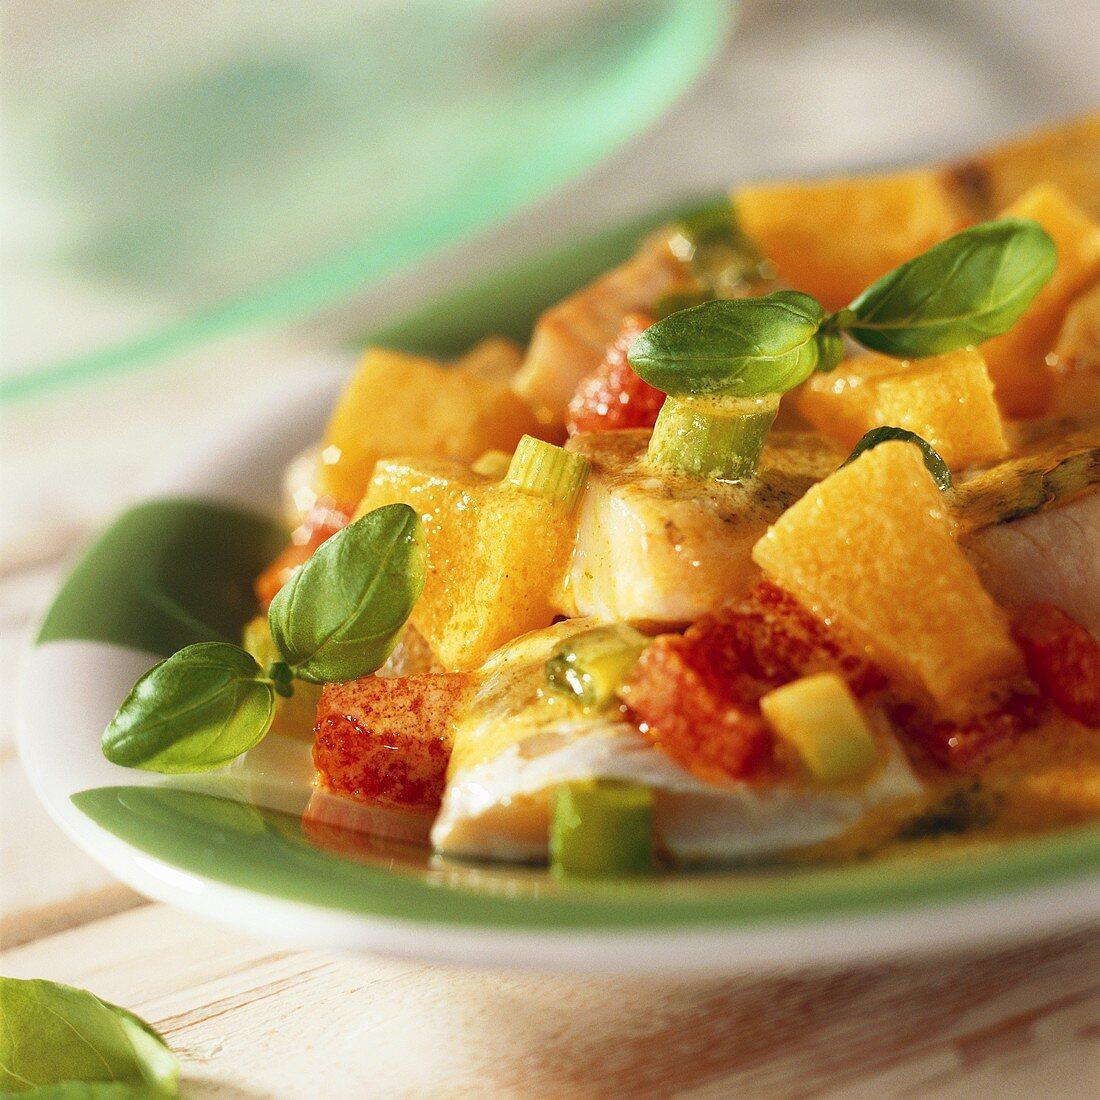 Mildes Kokos-Fischcurry mit Ananas und Basilikum